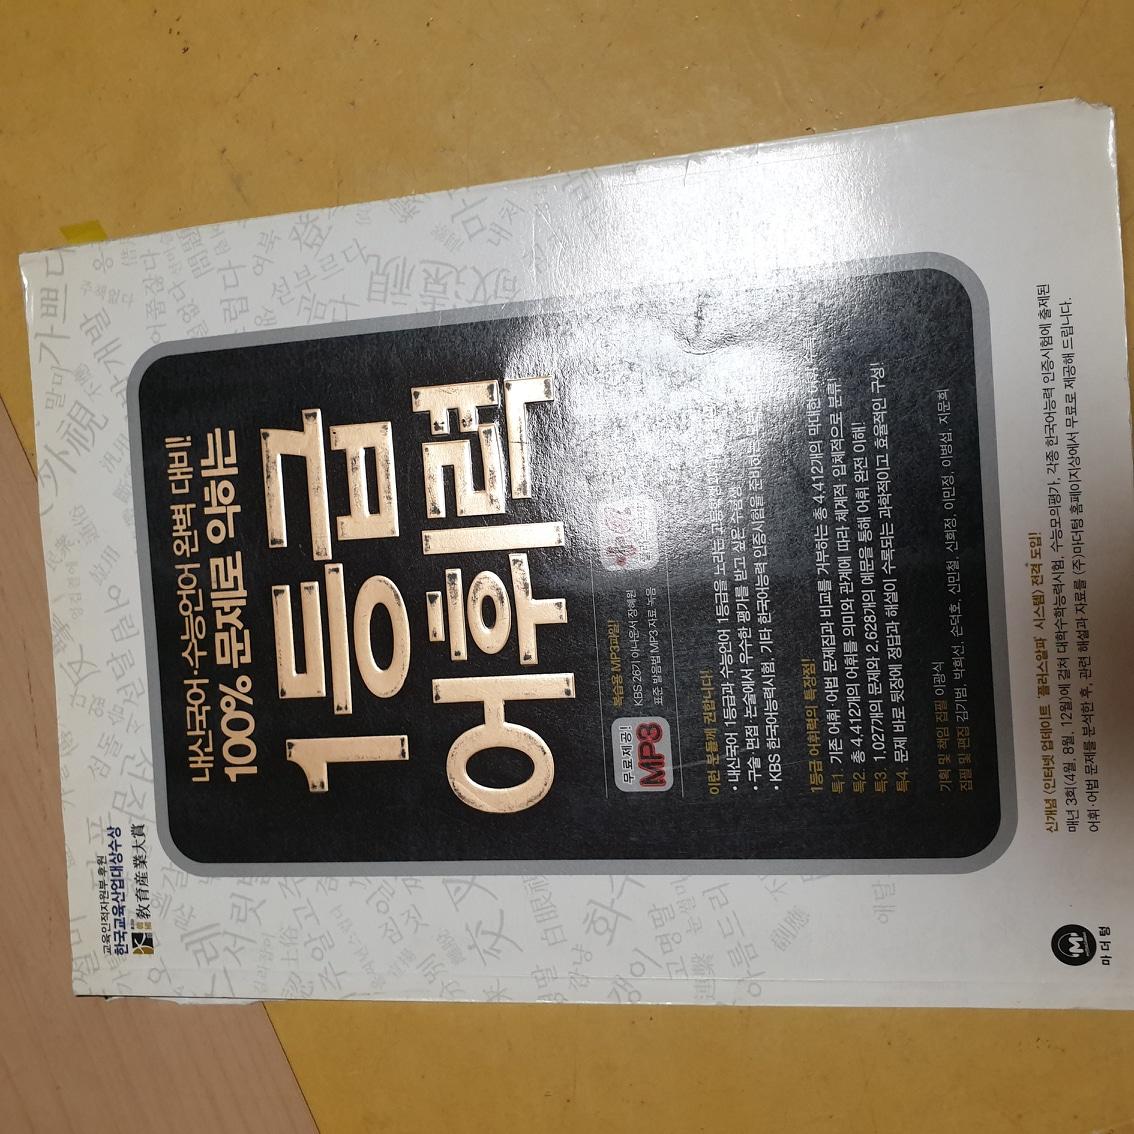 1등급 어휘력 책 나눔.